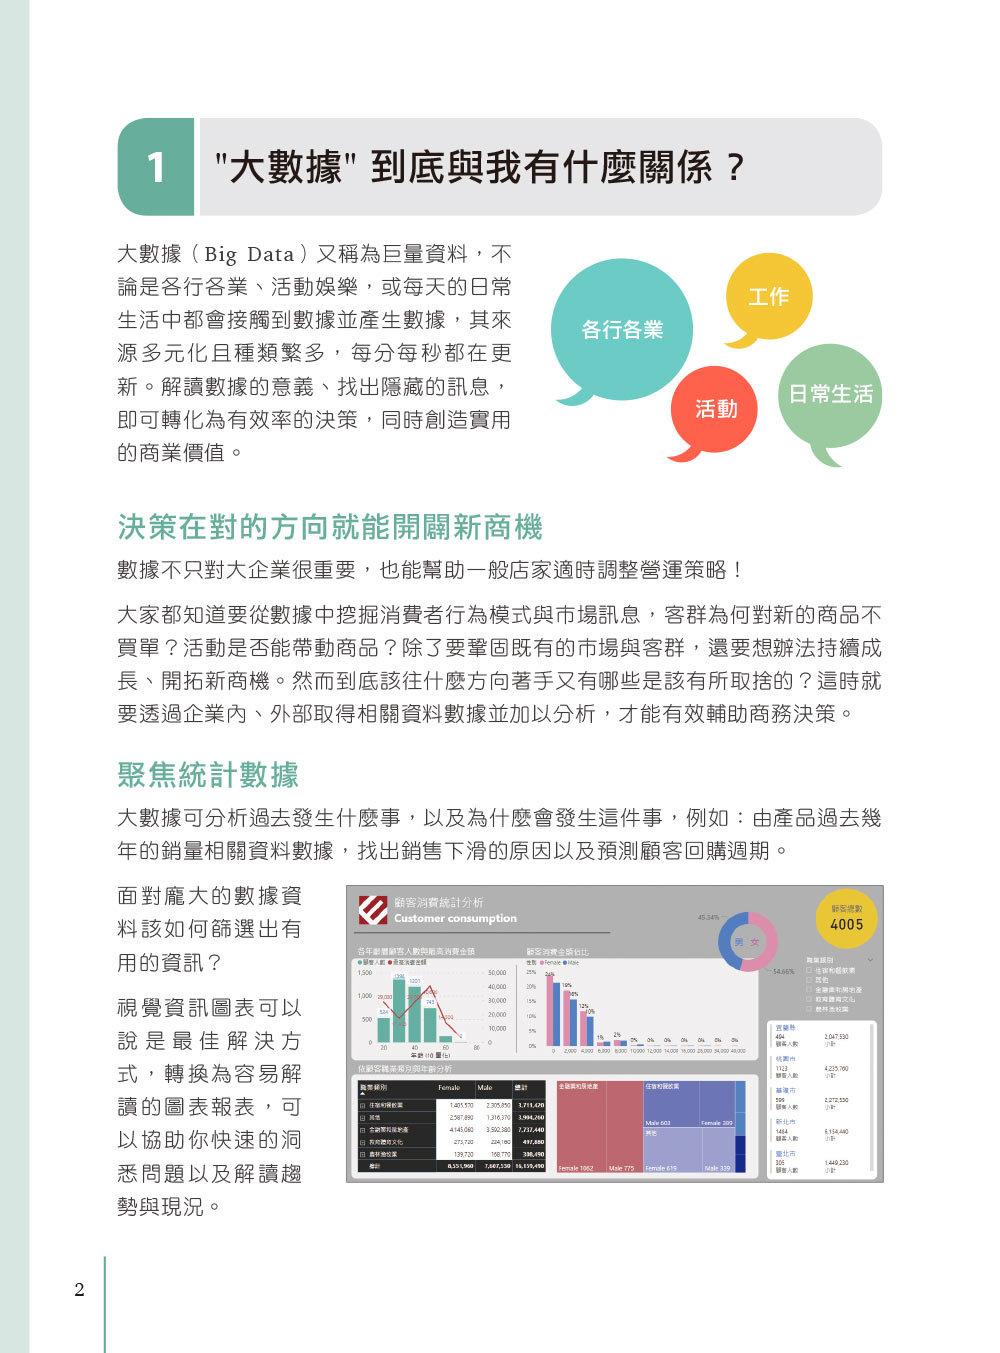 翻倍效率工作術 - 不會就太可惜的 Excel+Power BI 大數據視覺圖表設計與分析, 2/e-preview-1